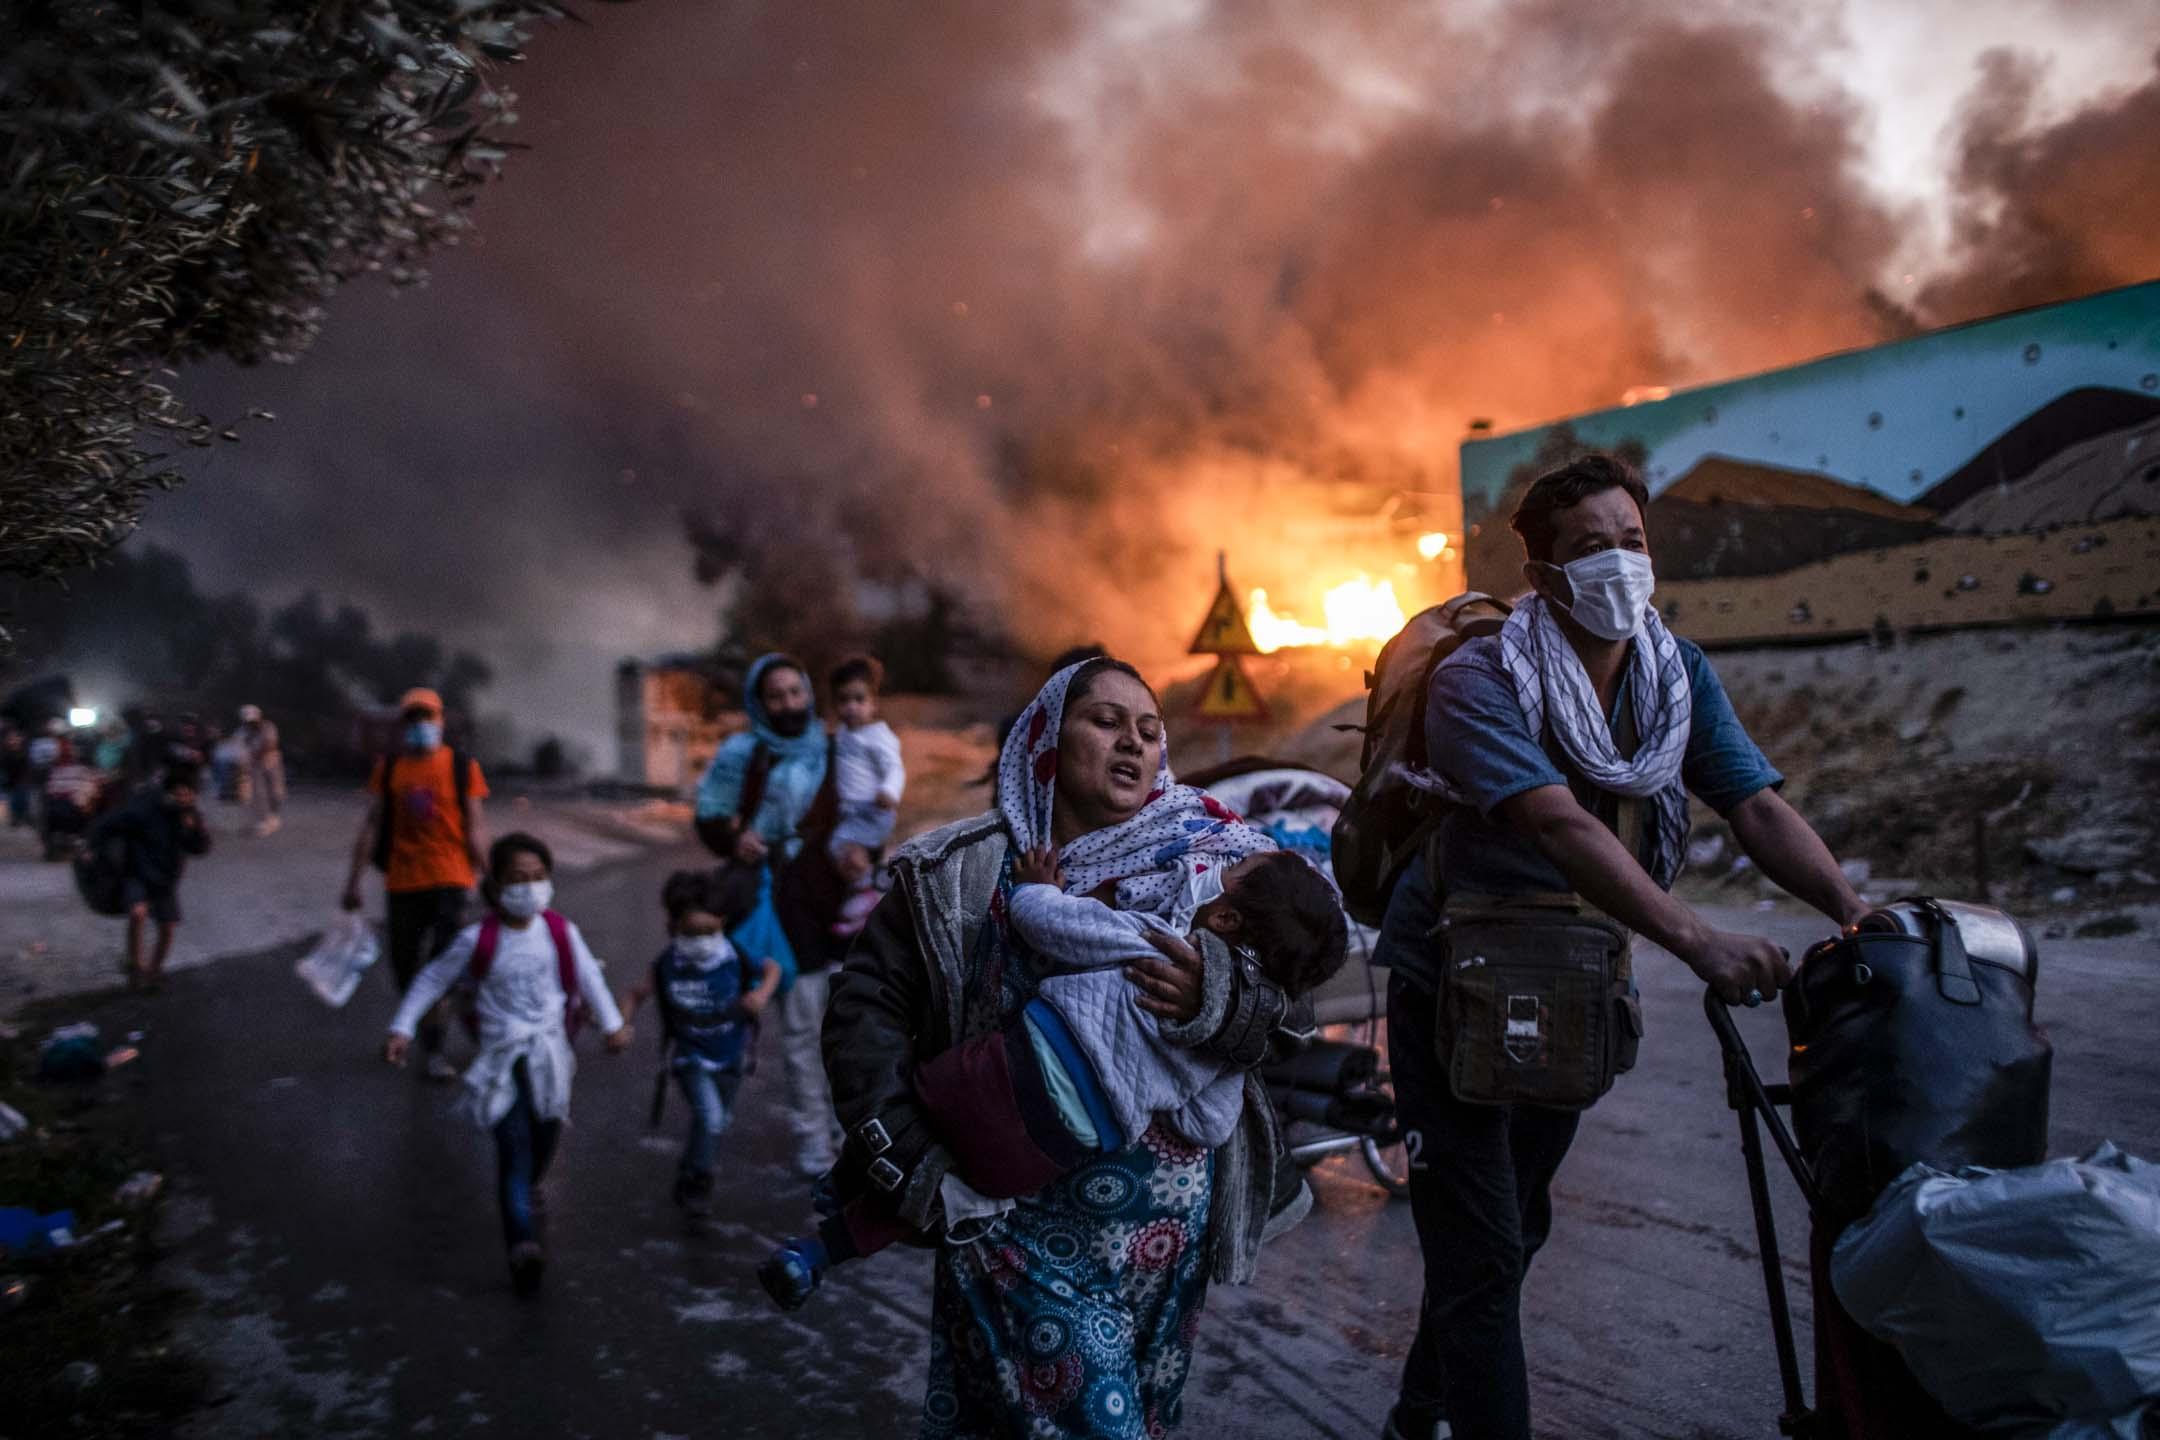 2020年9月9日,希臘萊斯沃斯島一個收容近1.3萬人的莫里亞難民營發生大火,難民也隨即緊急撤離,整座難民營幾近焚毀,失去家園的難民流離失所。